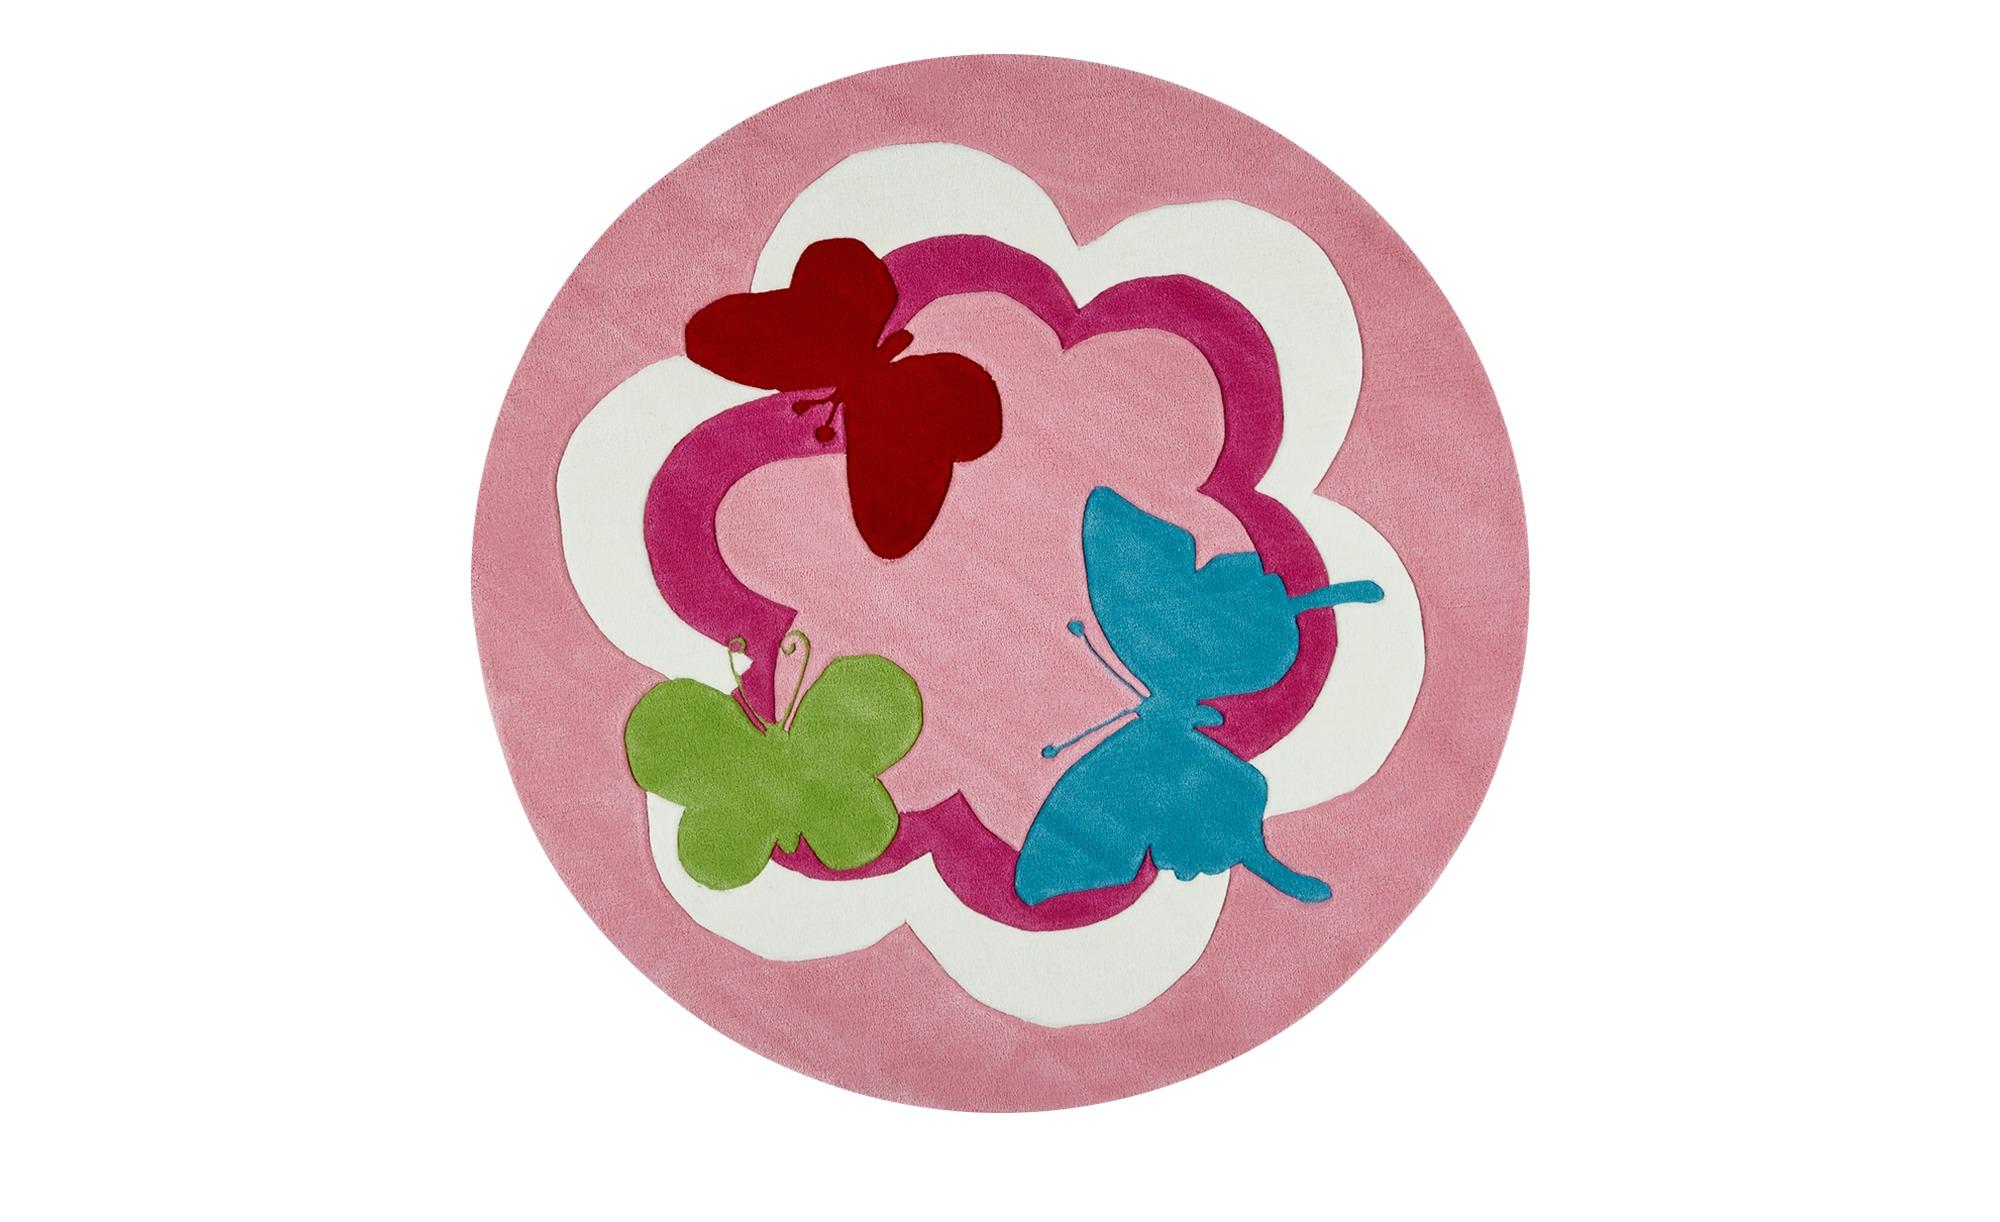 Esprit Handtuft-Teppich  Butterfly Party ¦ rosa/pink ¦ 100 % AcrylØ: [100.0] Teppiche > Wohnteppiche - Höffner